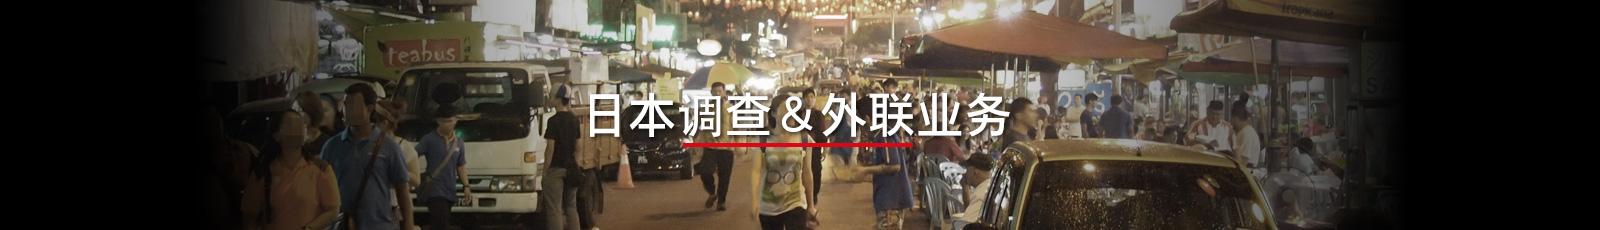 FLY MEDIA 日本调查&外联业务